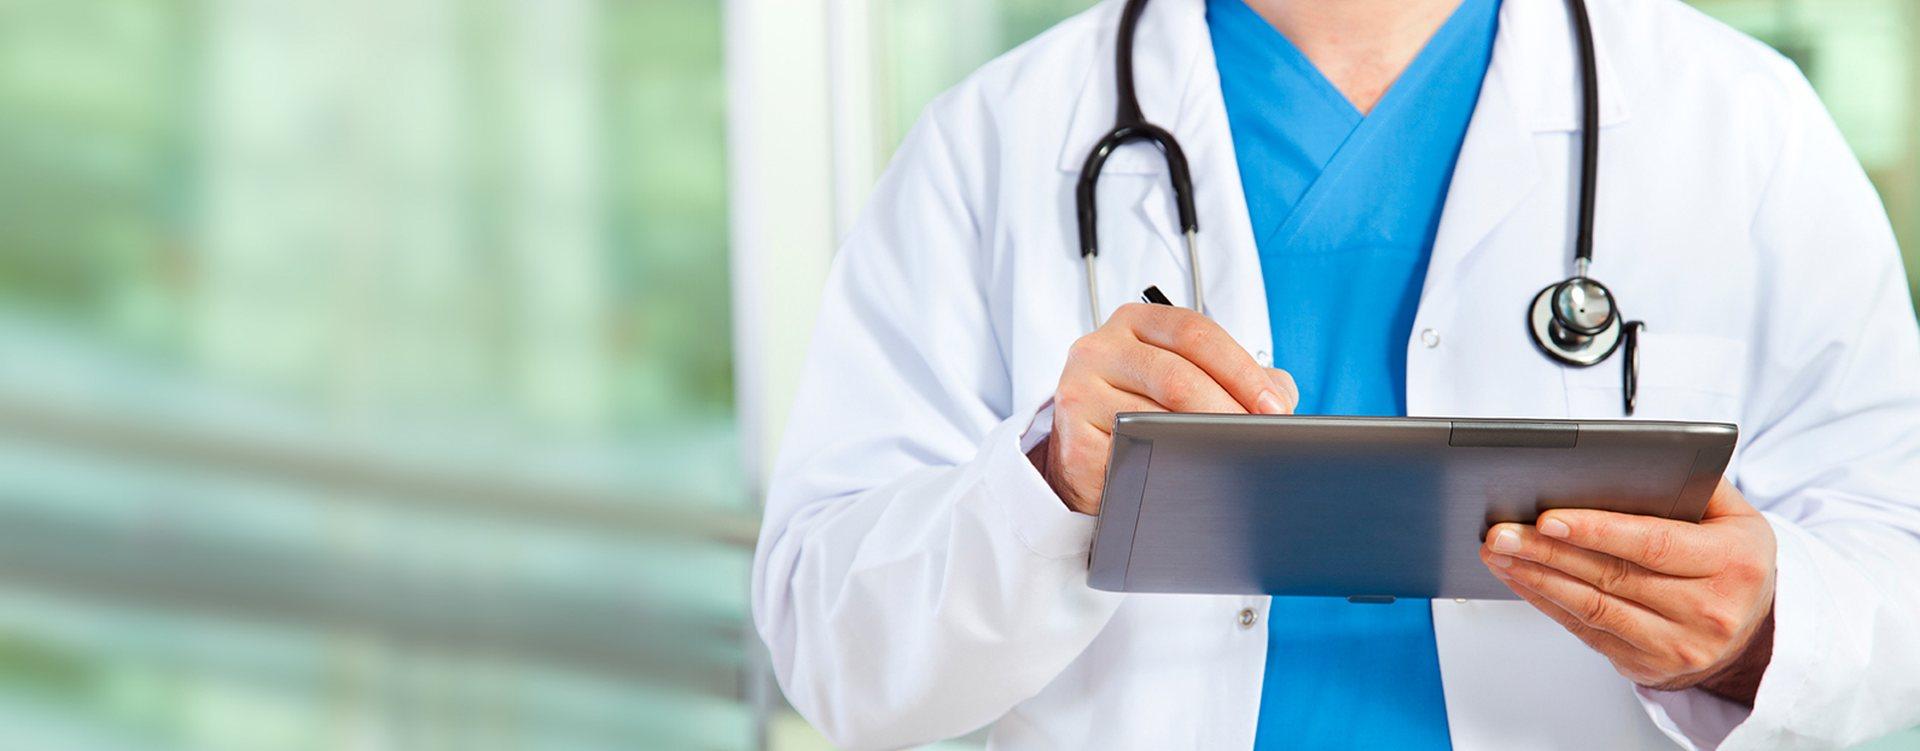 Boli de piele la locul de muncă și expunerea cutanată în EU